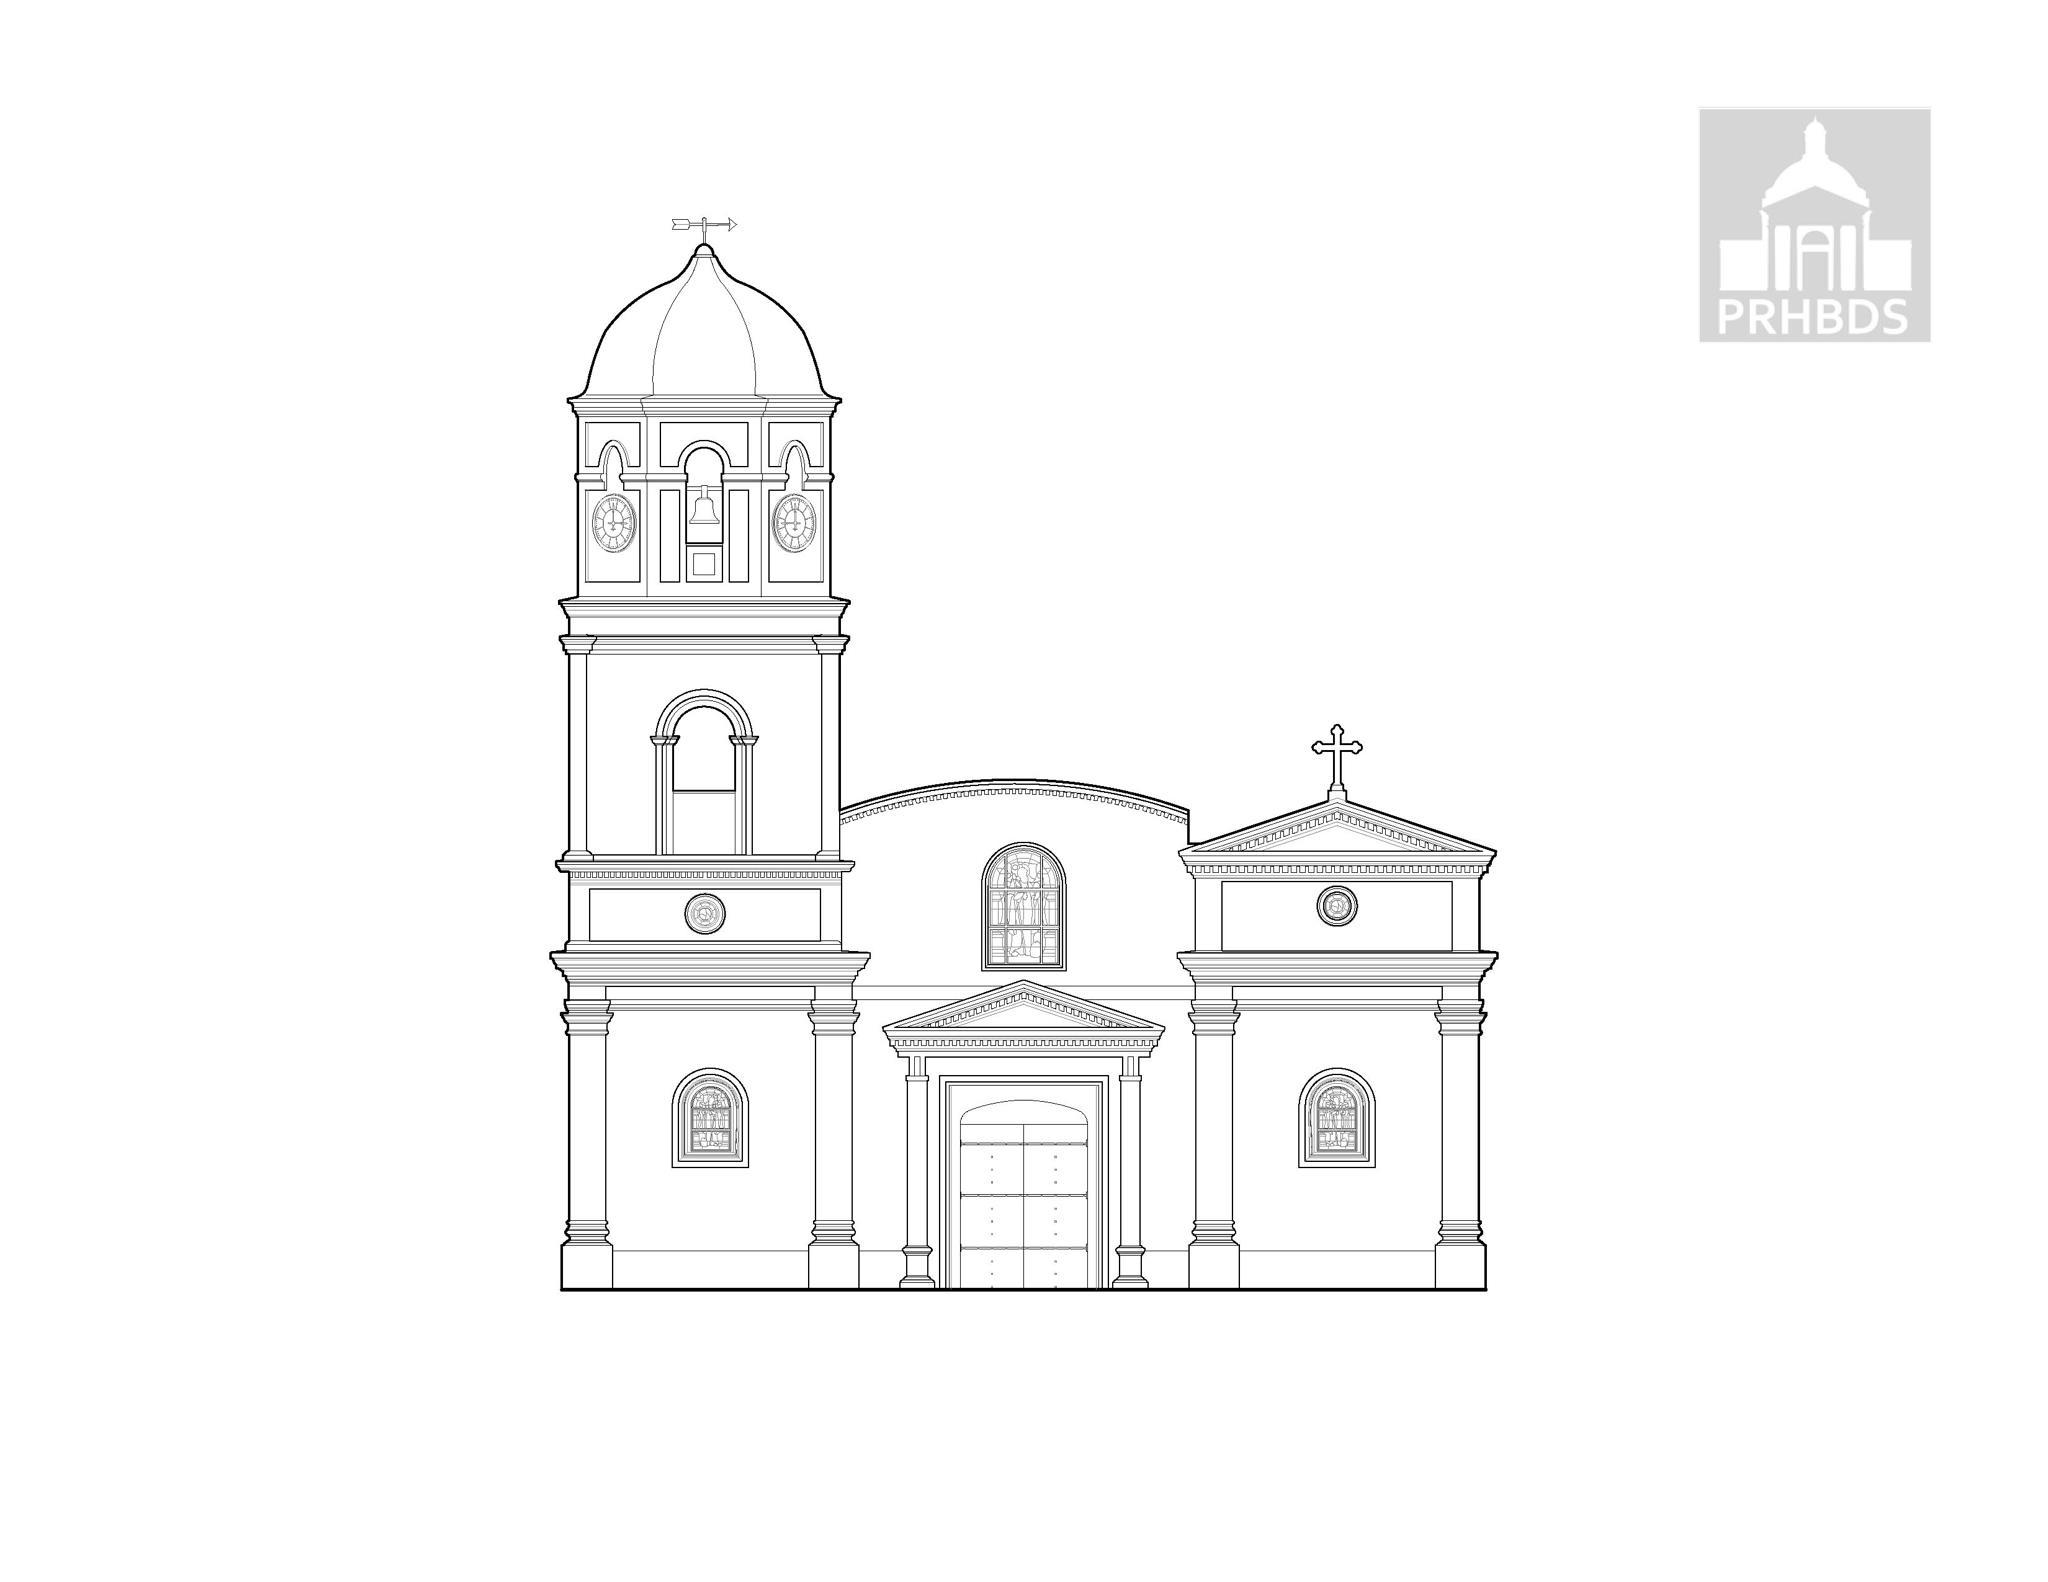 Parroquia San Miguel Arcángel (1771-1783)   Cabo Rojo, Puerto Rico    Fachada actual diseñada por: Onofre Llompart (1878)    La estructura donde ubica la Iglesia San Miguel Arcángel fue designado Monumento Histórico bajo la Ley Núm. 150 del 18 de Junio de 2004. Está ubicada en las calles Barbosa (entrada principal) Riuz Belvis (costado izquierdo) y Luis Muñoz Rivera (parte posterior). La estructura que acoge a la Iglesia San Miguel Arcángel del Municipio de Cabo Rojo es una de las más hermosas de todo Puerto Rico. Su historia está ligada a la fundación de Cabo Rojo mediante Orden Real del rey Carlos III de 17 diciembre de 1771.  Sin embargo, no fue hasta el 29 de septiembre de 1783, que se dedica la parroquia al patrono de San Miguel Arcángel y dos años después que comenzó a construirse el templo. En la iglesia se encuentran las actas de nacimiento de Ramón Emeterio Betances, Salvador Brau y el legendario Pirata Cofresí. Frente a la entrada principal Betances cumplió su apostolado dando libertad a los niños esclavos cuando eran traídos a la pila bautismal. Su precio sin bautizar era de 25 pesos y una vez bautizados costaban 50 pesos. En su Bicentenario se sembró un árbol de Guayacán al costado de la Plaza de Recreo.